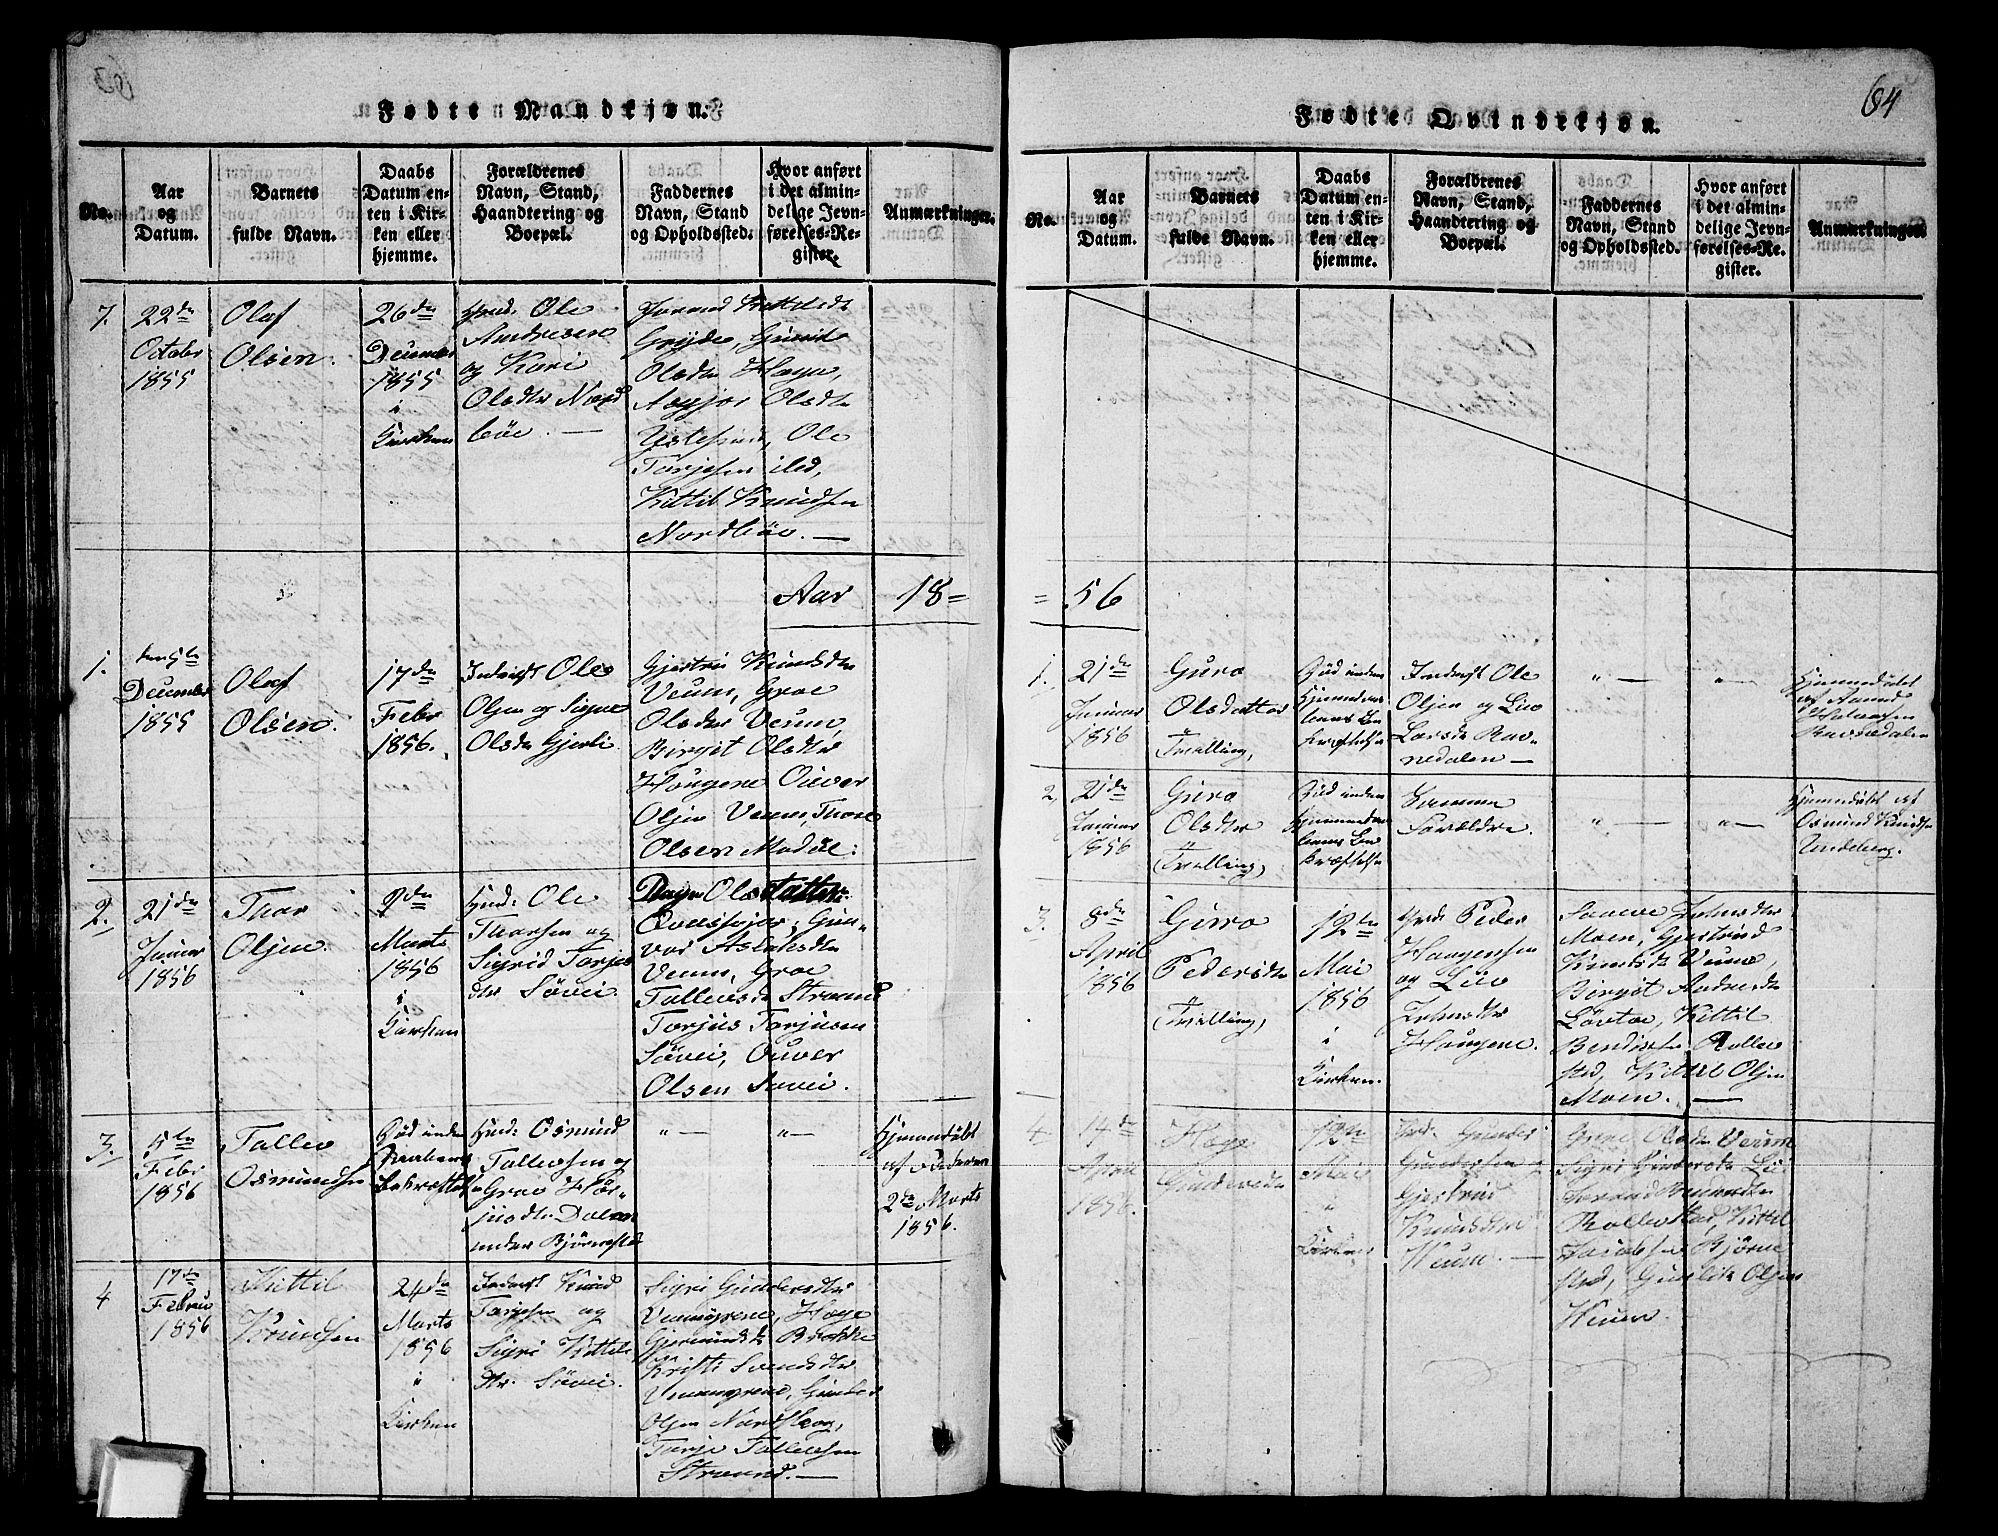 SAKO, Fyresdal kirkebøker, G/Ga/L0003: Klokkerbok nr. I 3, 1815-1863, s. 64